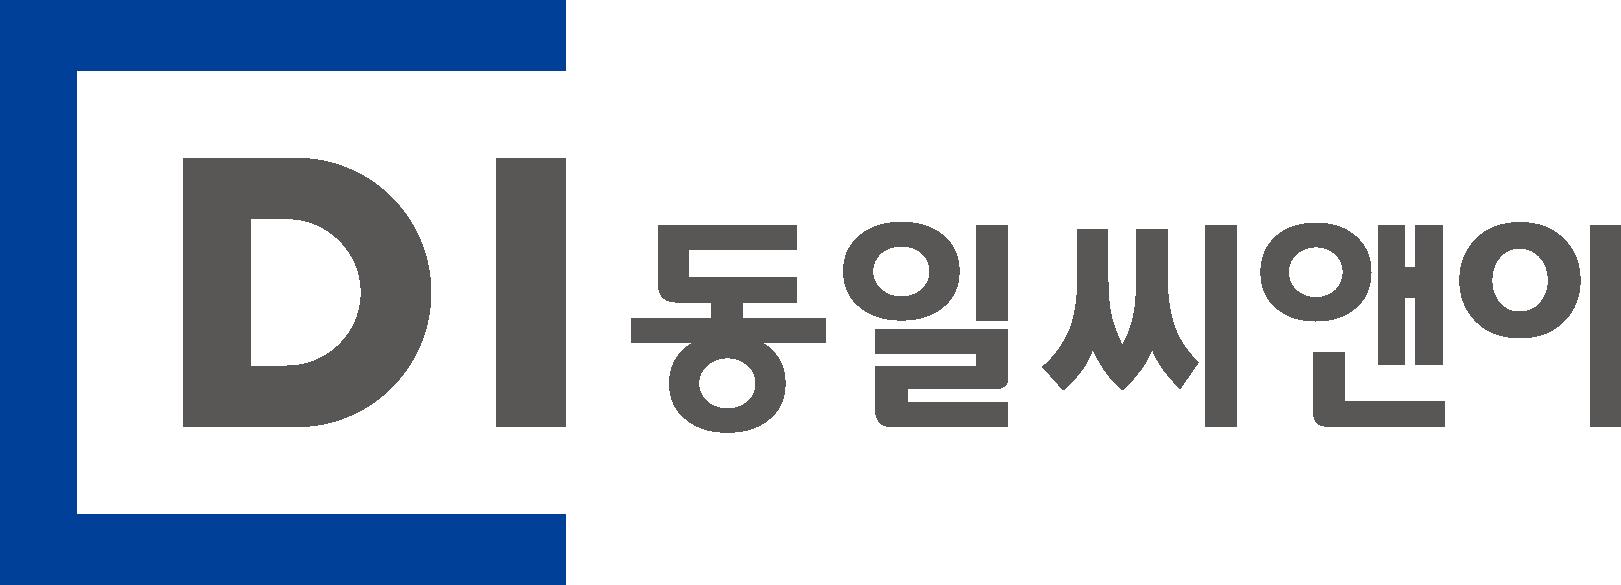 디아이동일의 계열사 (주)동일씨앤이의 로고